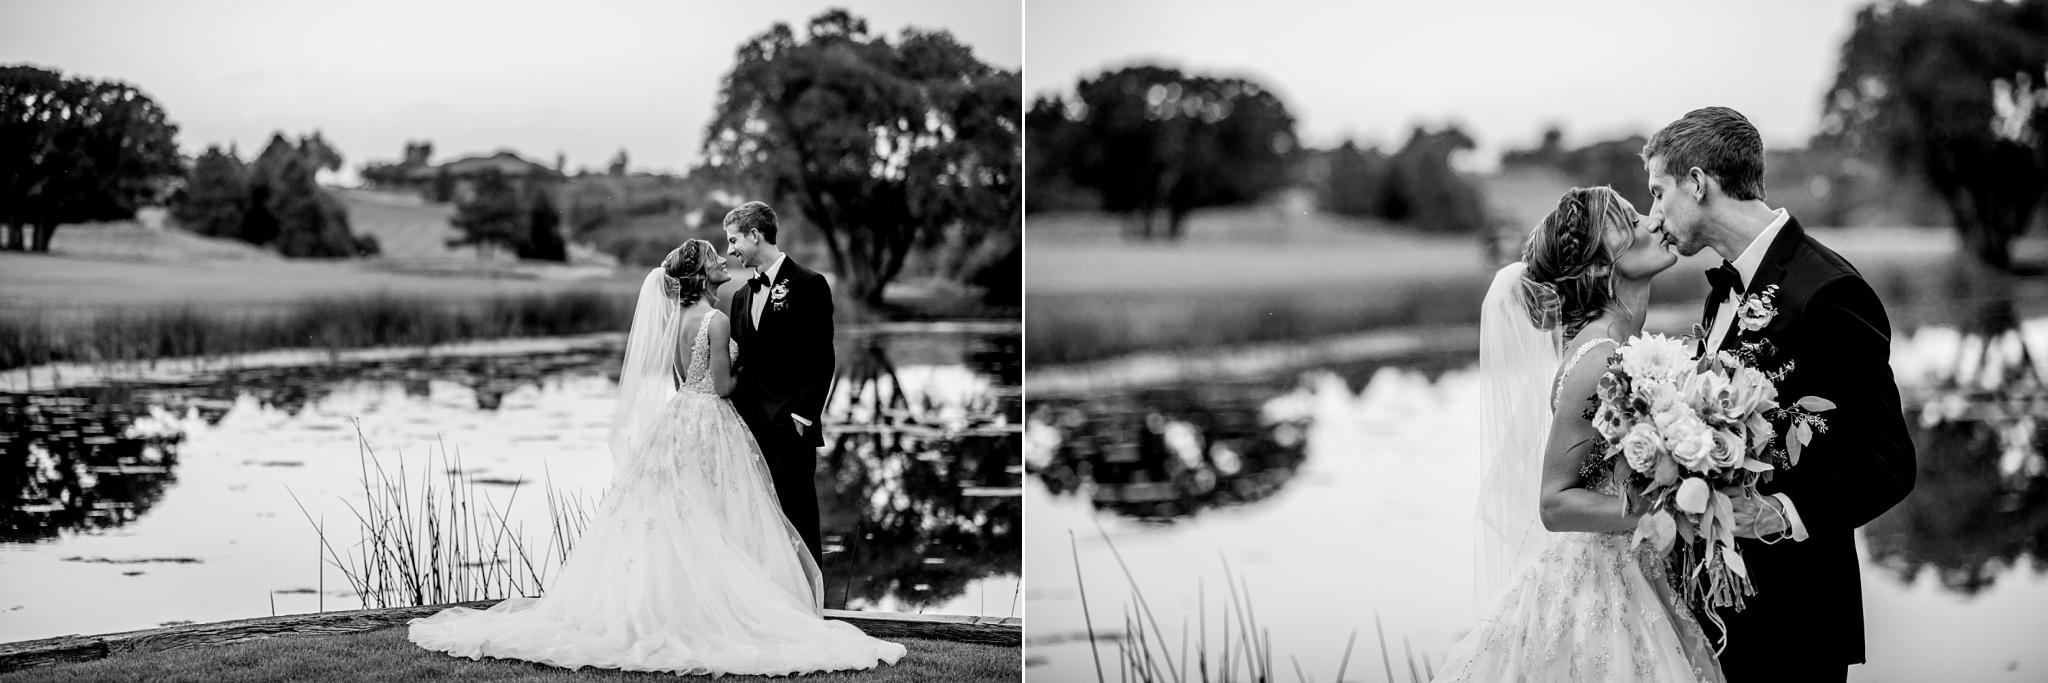 Arrowhead Golf Course Wedding_0018.jpg